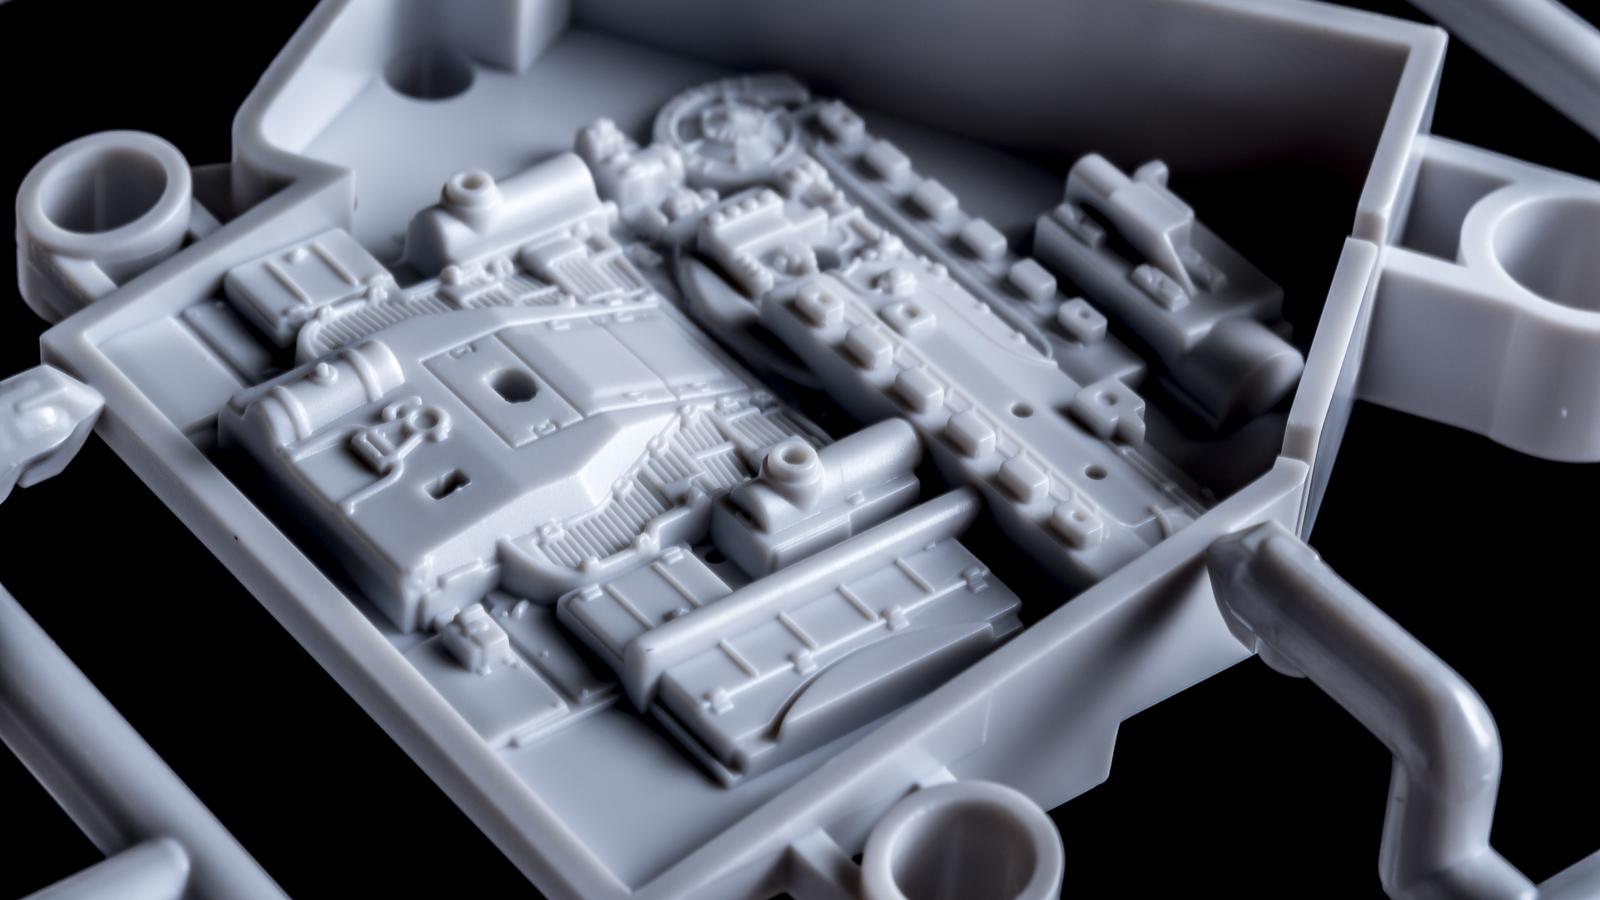 """「模型で作った模型の模型」、バンダイのミレニアムファルコンが持つ\""""パーフェクト\""""の意味【前編】_b0029315_00301472.jpg"""